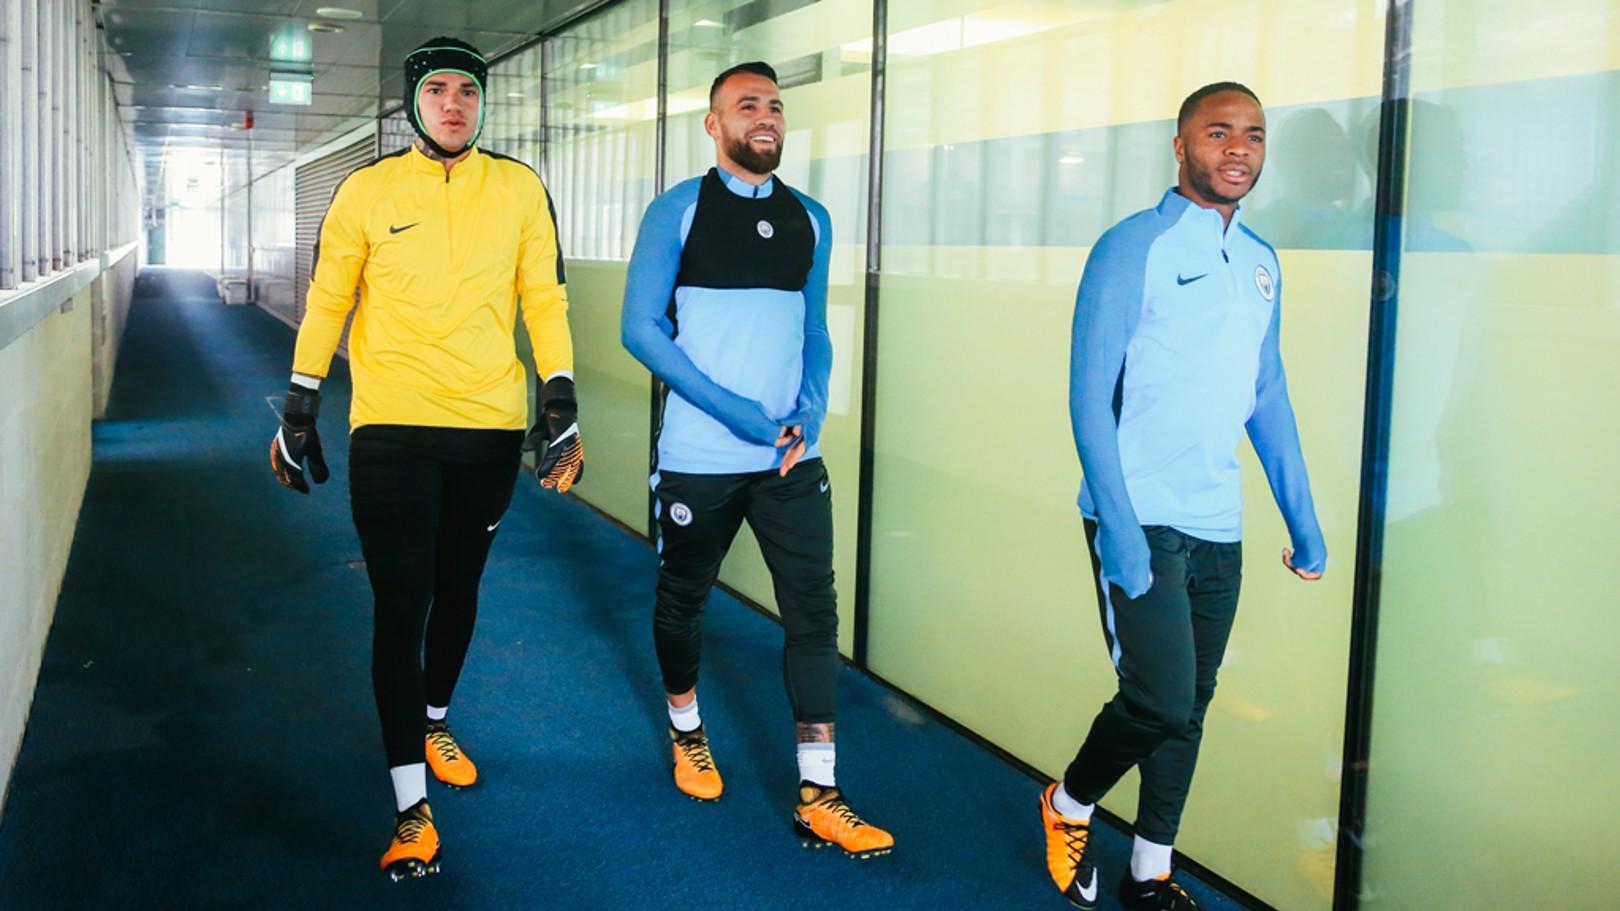 Ederson es uno de los que viajará pese su lesión del pasado sábado. En la foto junto a Nicolás Otamendi y Raheem Sterling.